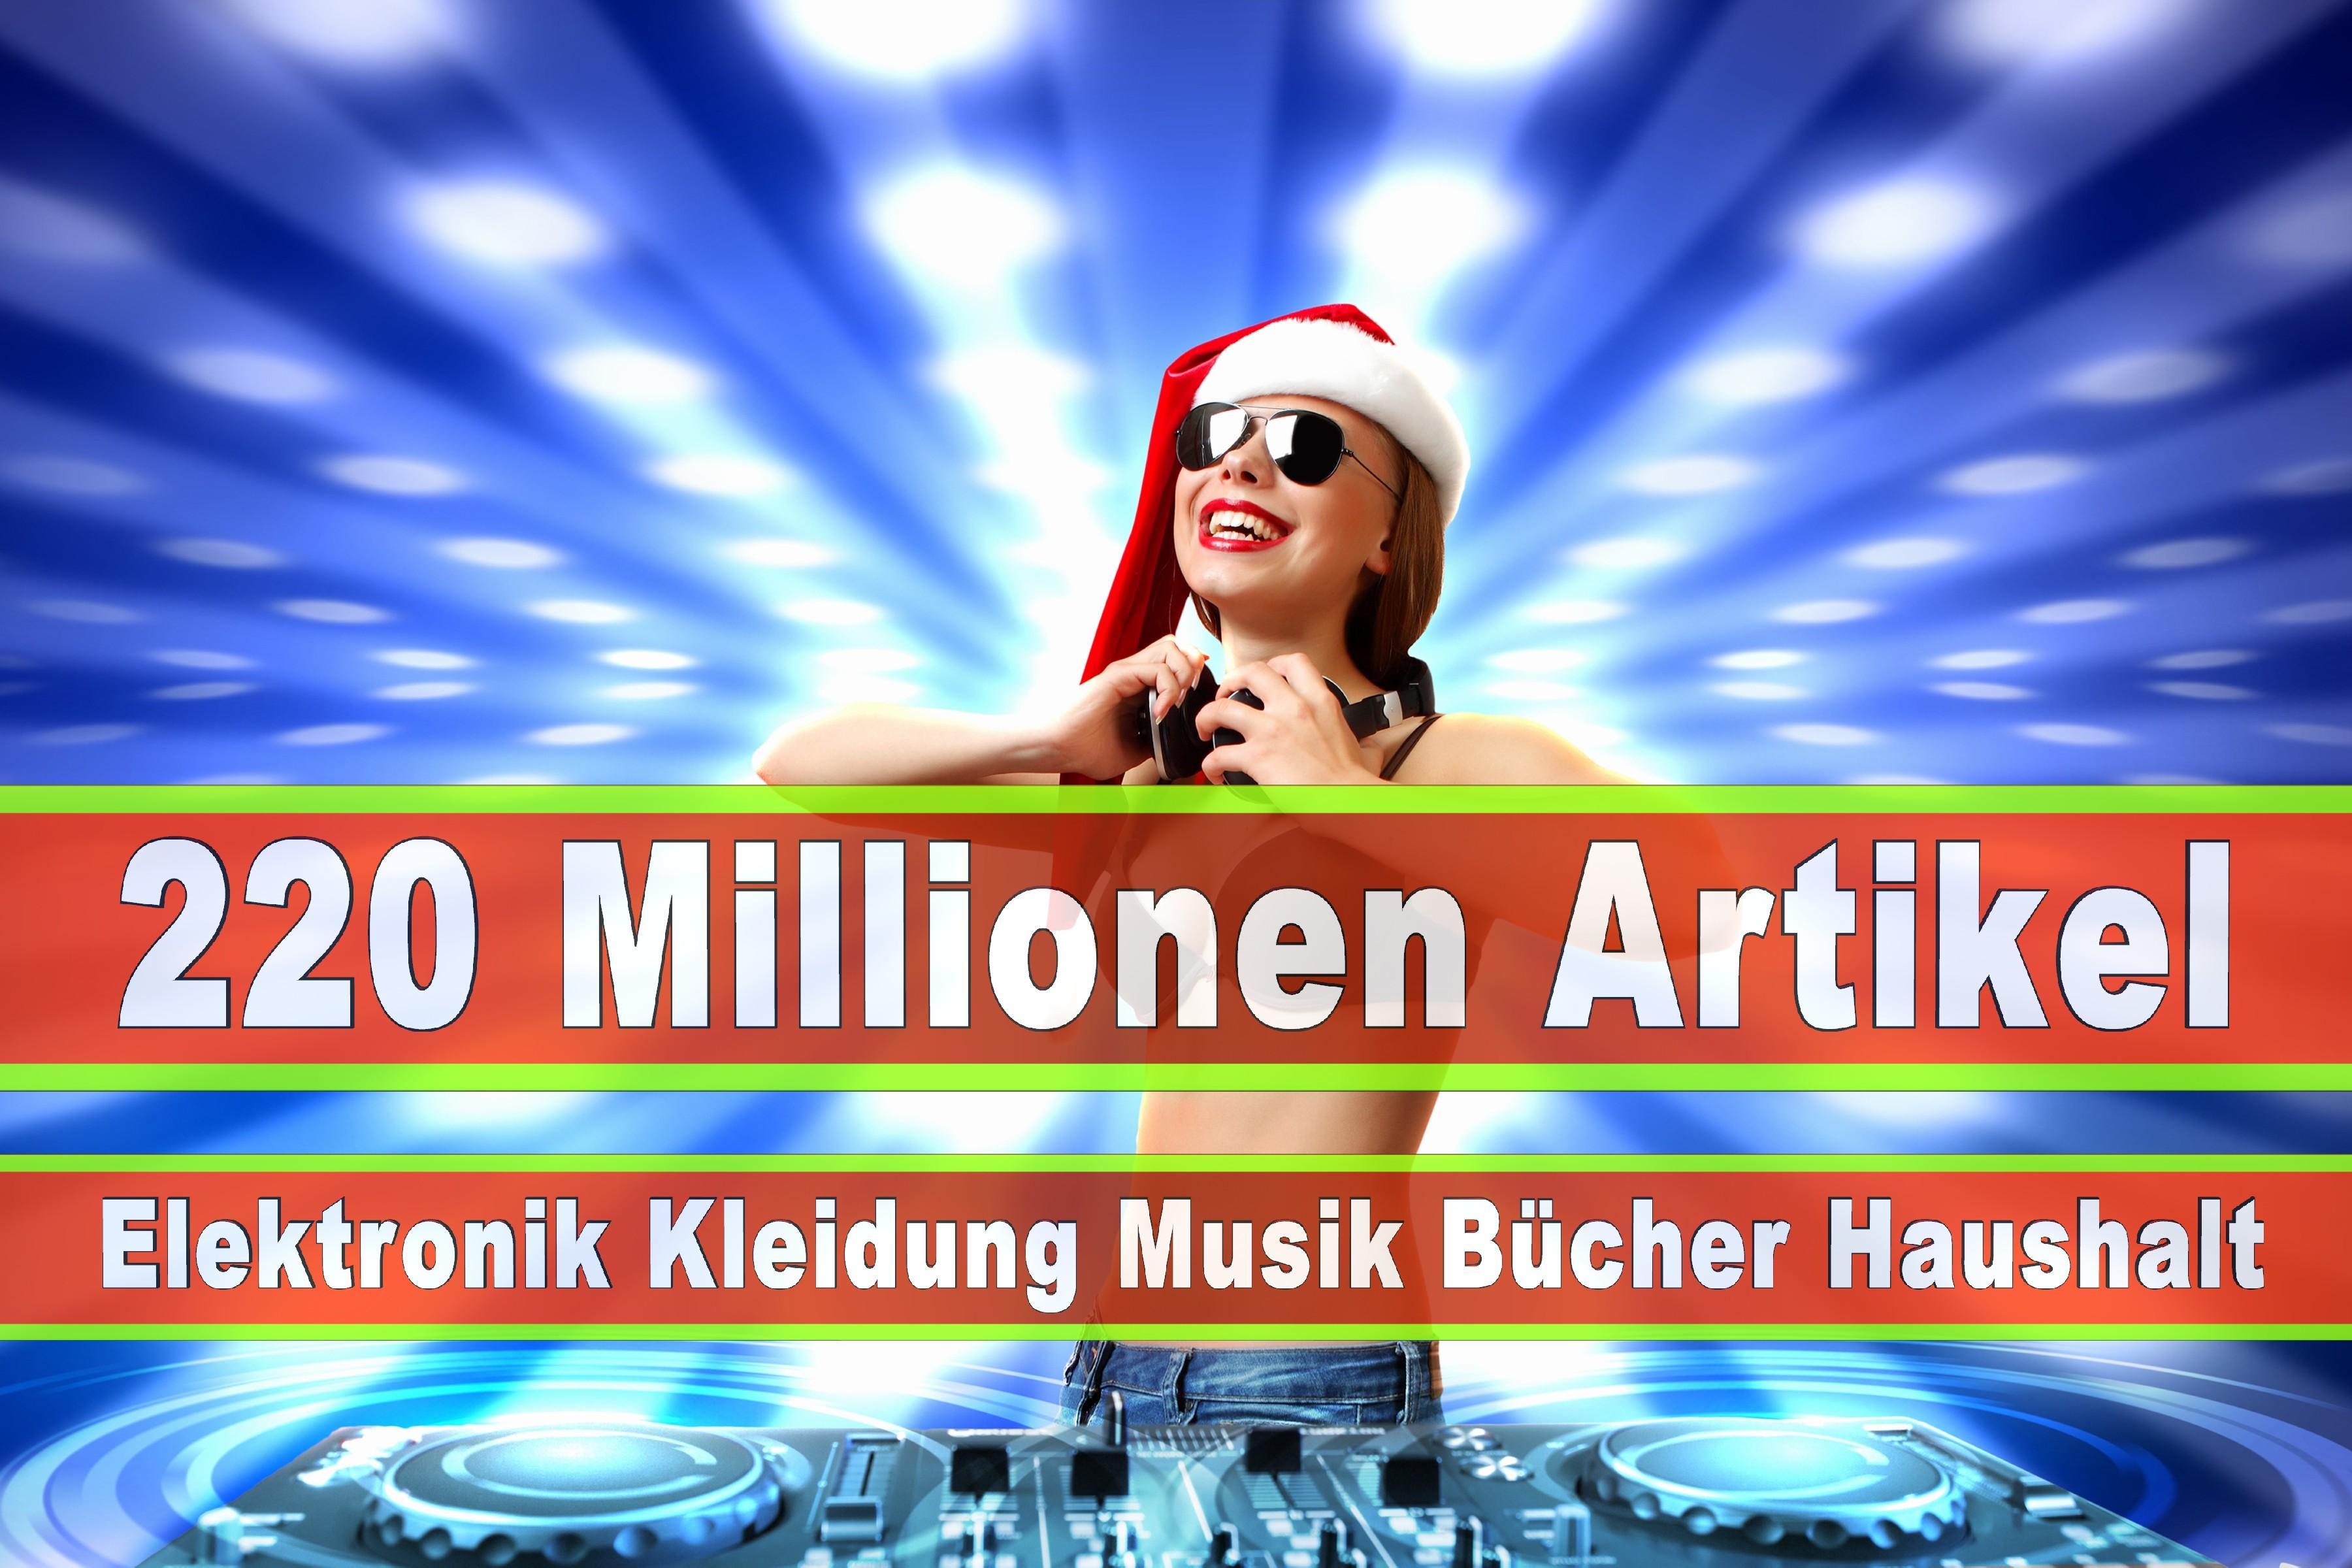 Amazon Elektronik Musik Haushalt Bücher CD DVD Handys Smartphones TV Television Fernseher Kleidung Mode Ebay Versandhaus (221)